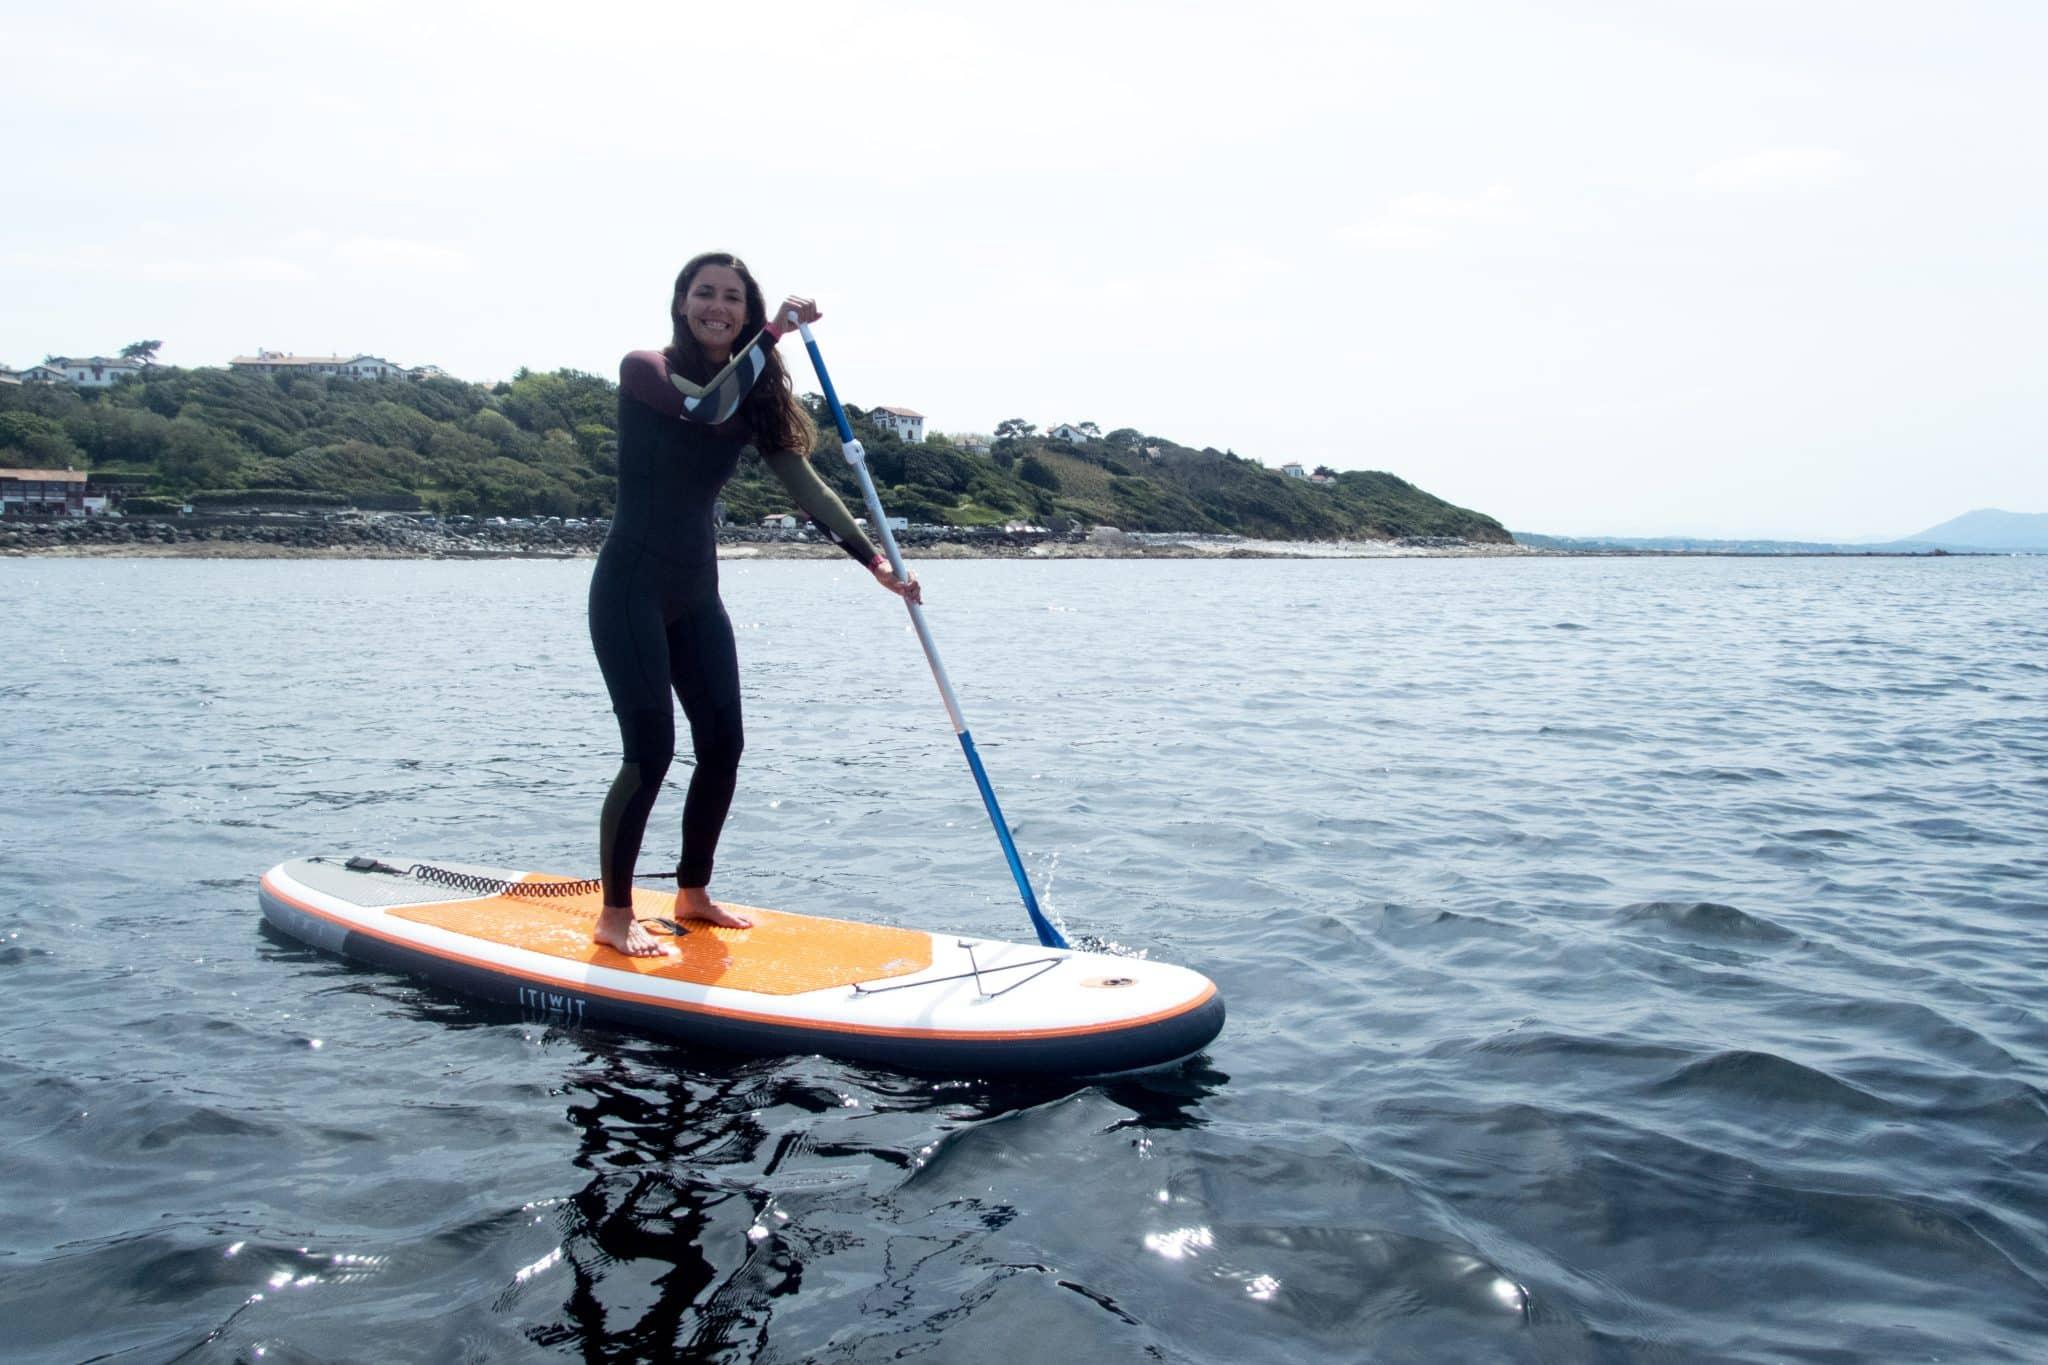 Le paddle gonflable sur l'eau